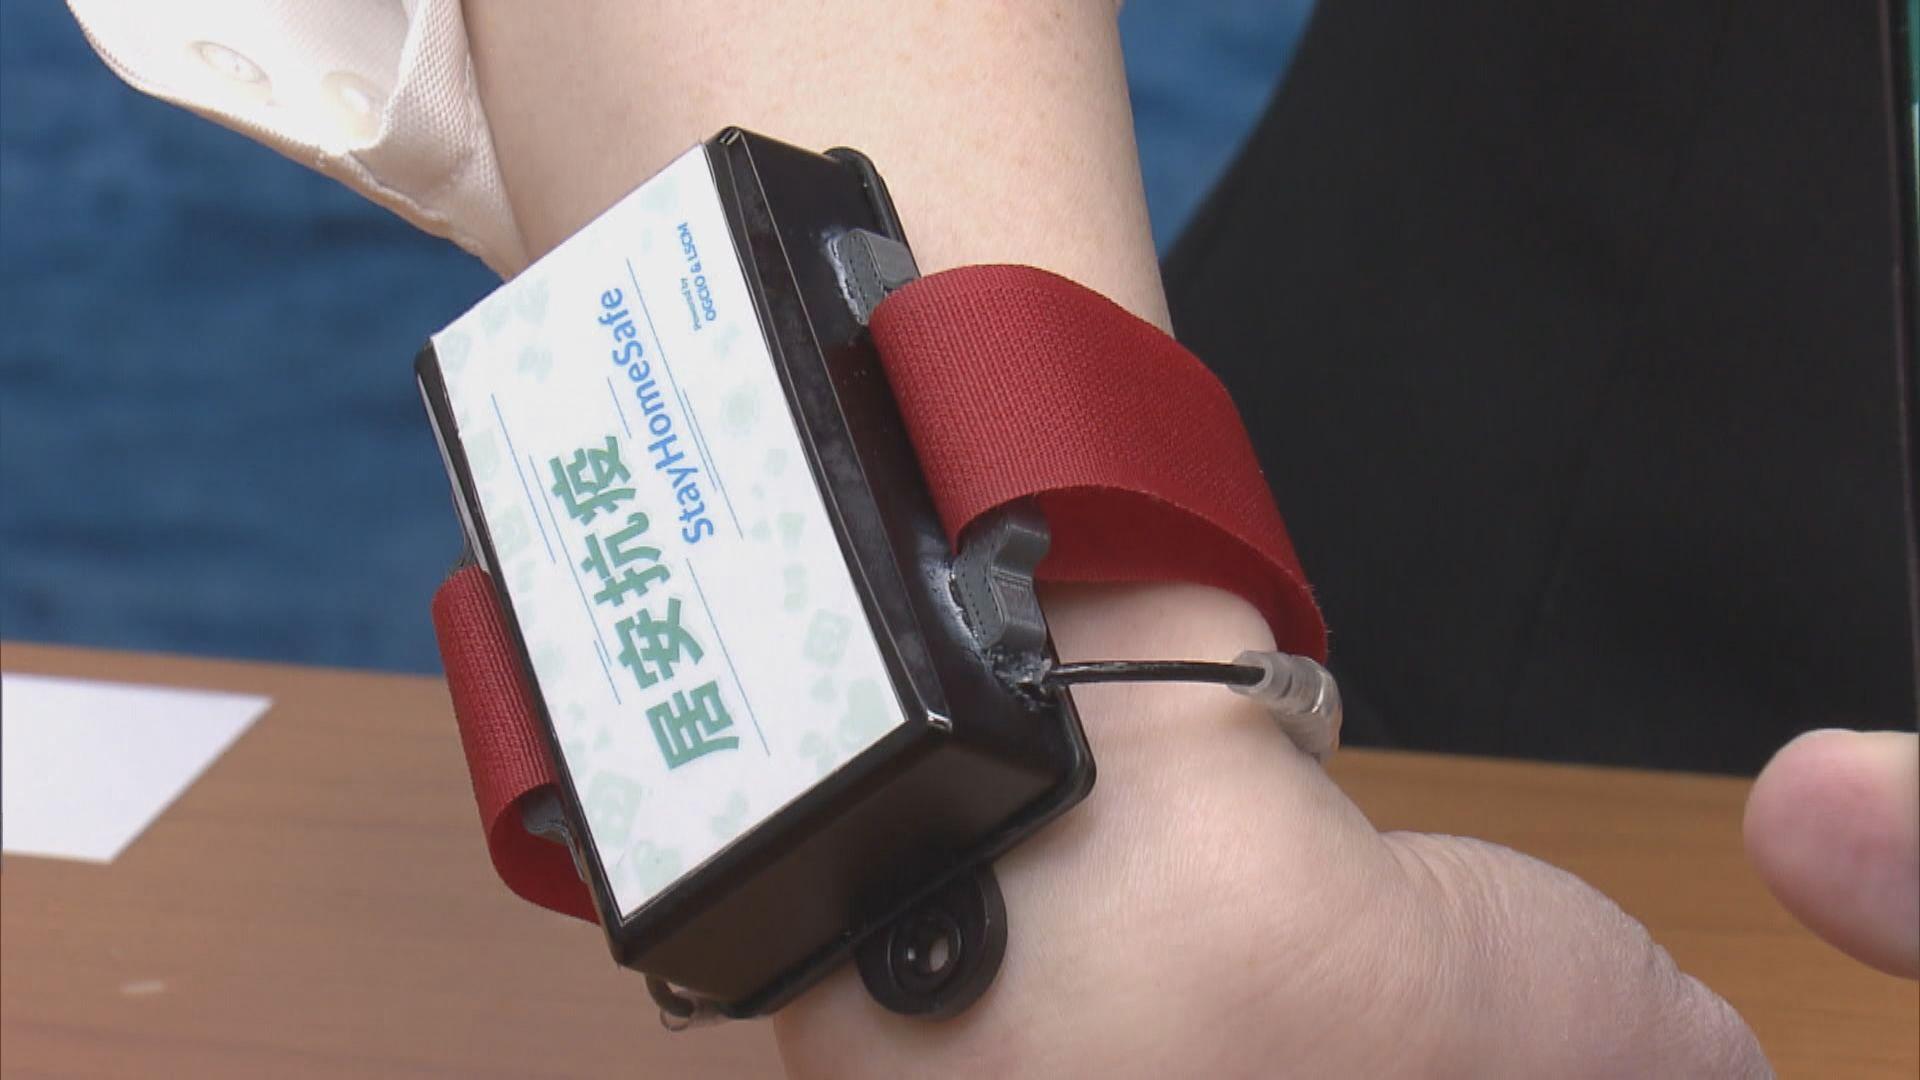 創科局:已額外採購逾16萬條一次性電子手環